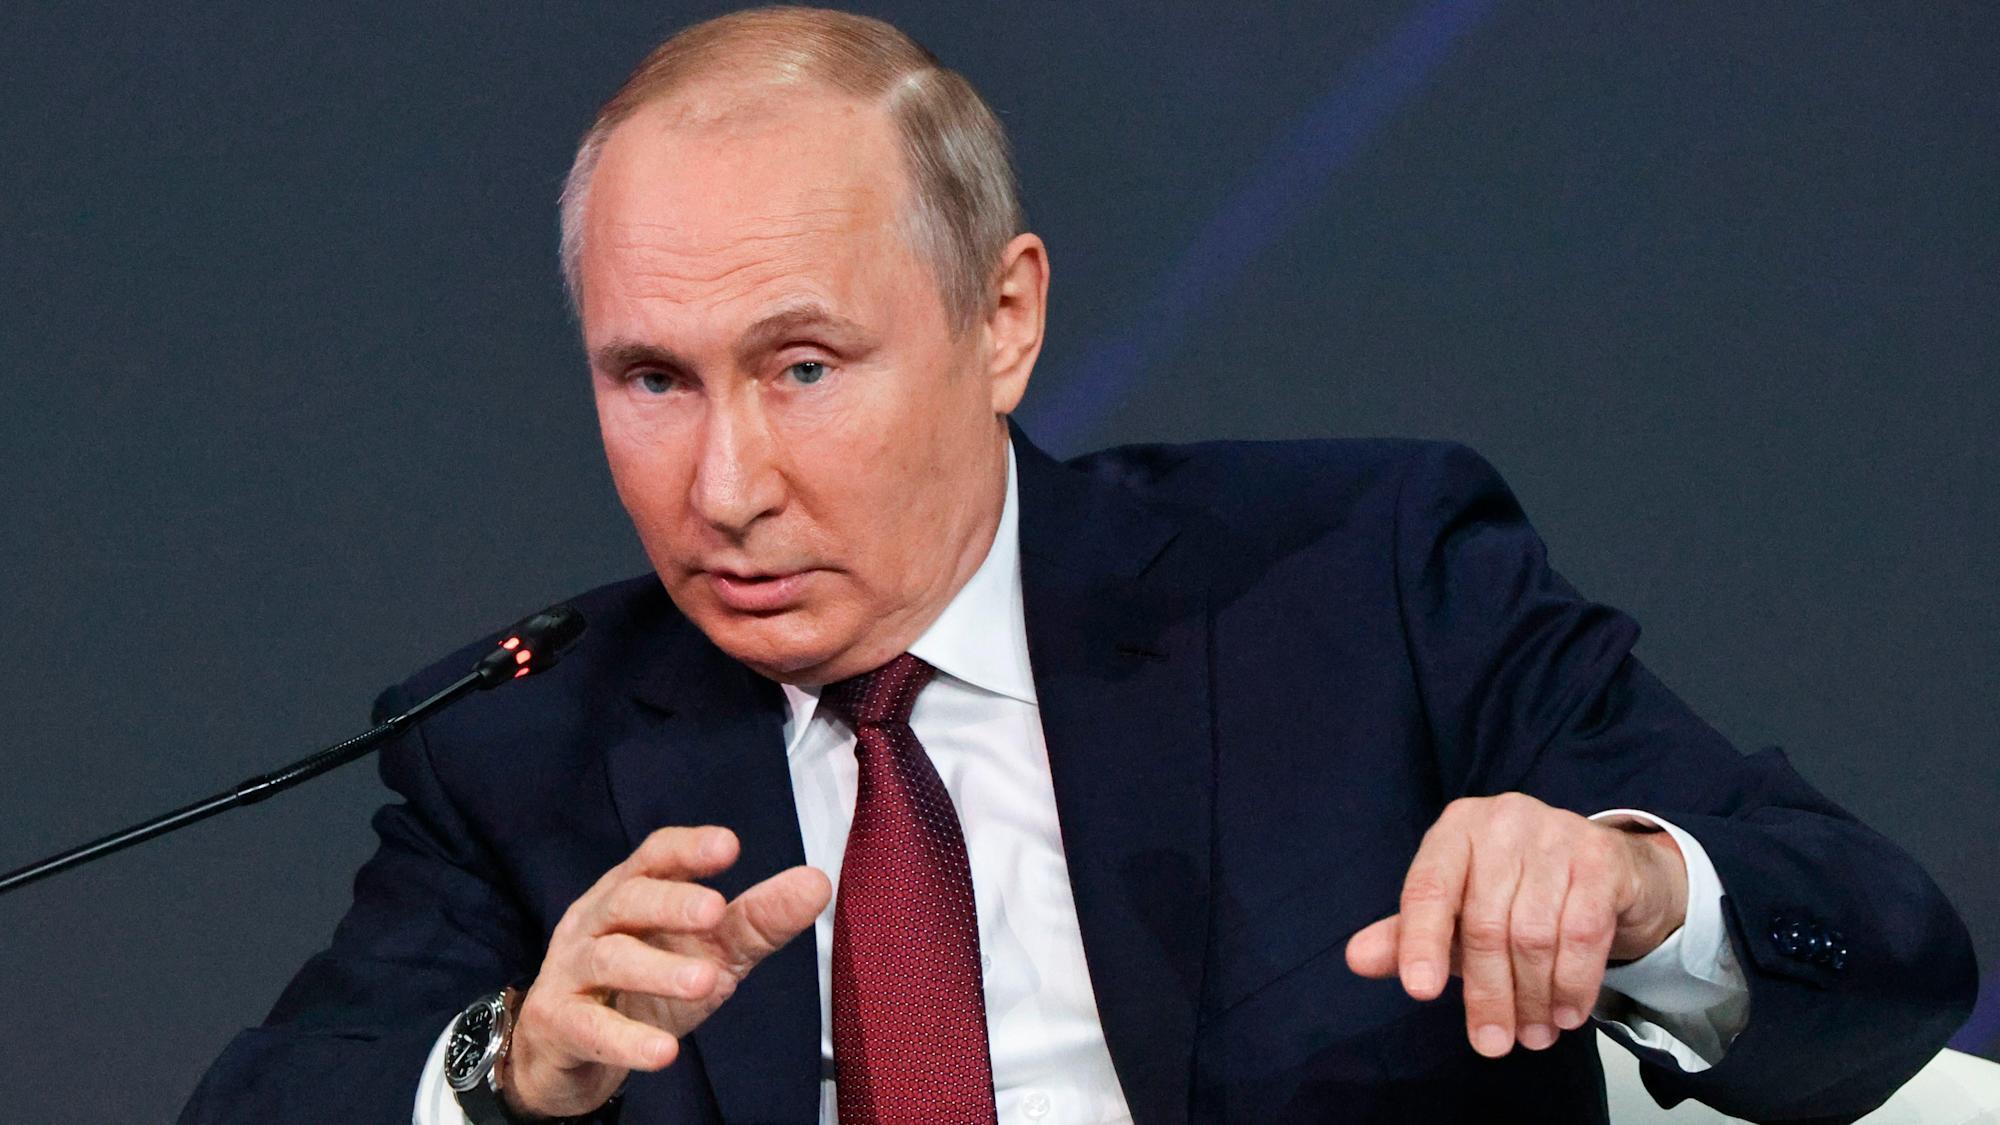 Путин заявил, что не портит российско-британские отношения после критики главы МИ-6